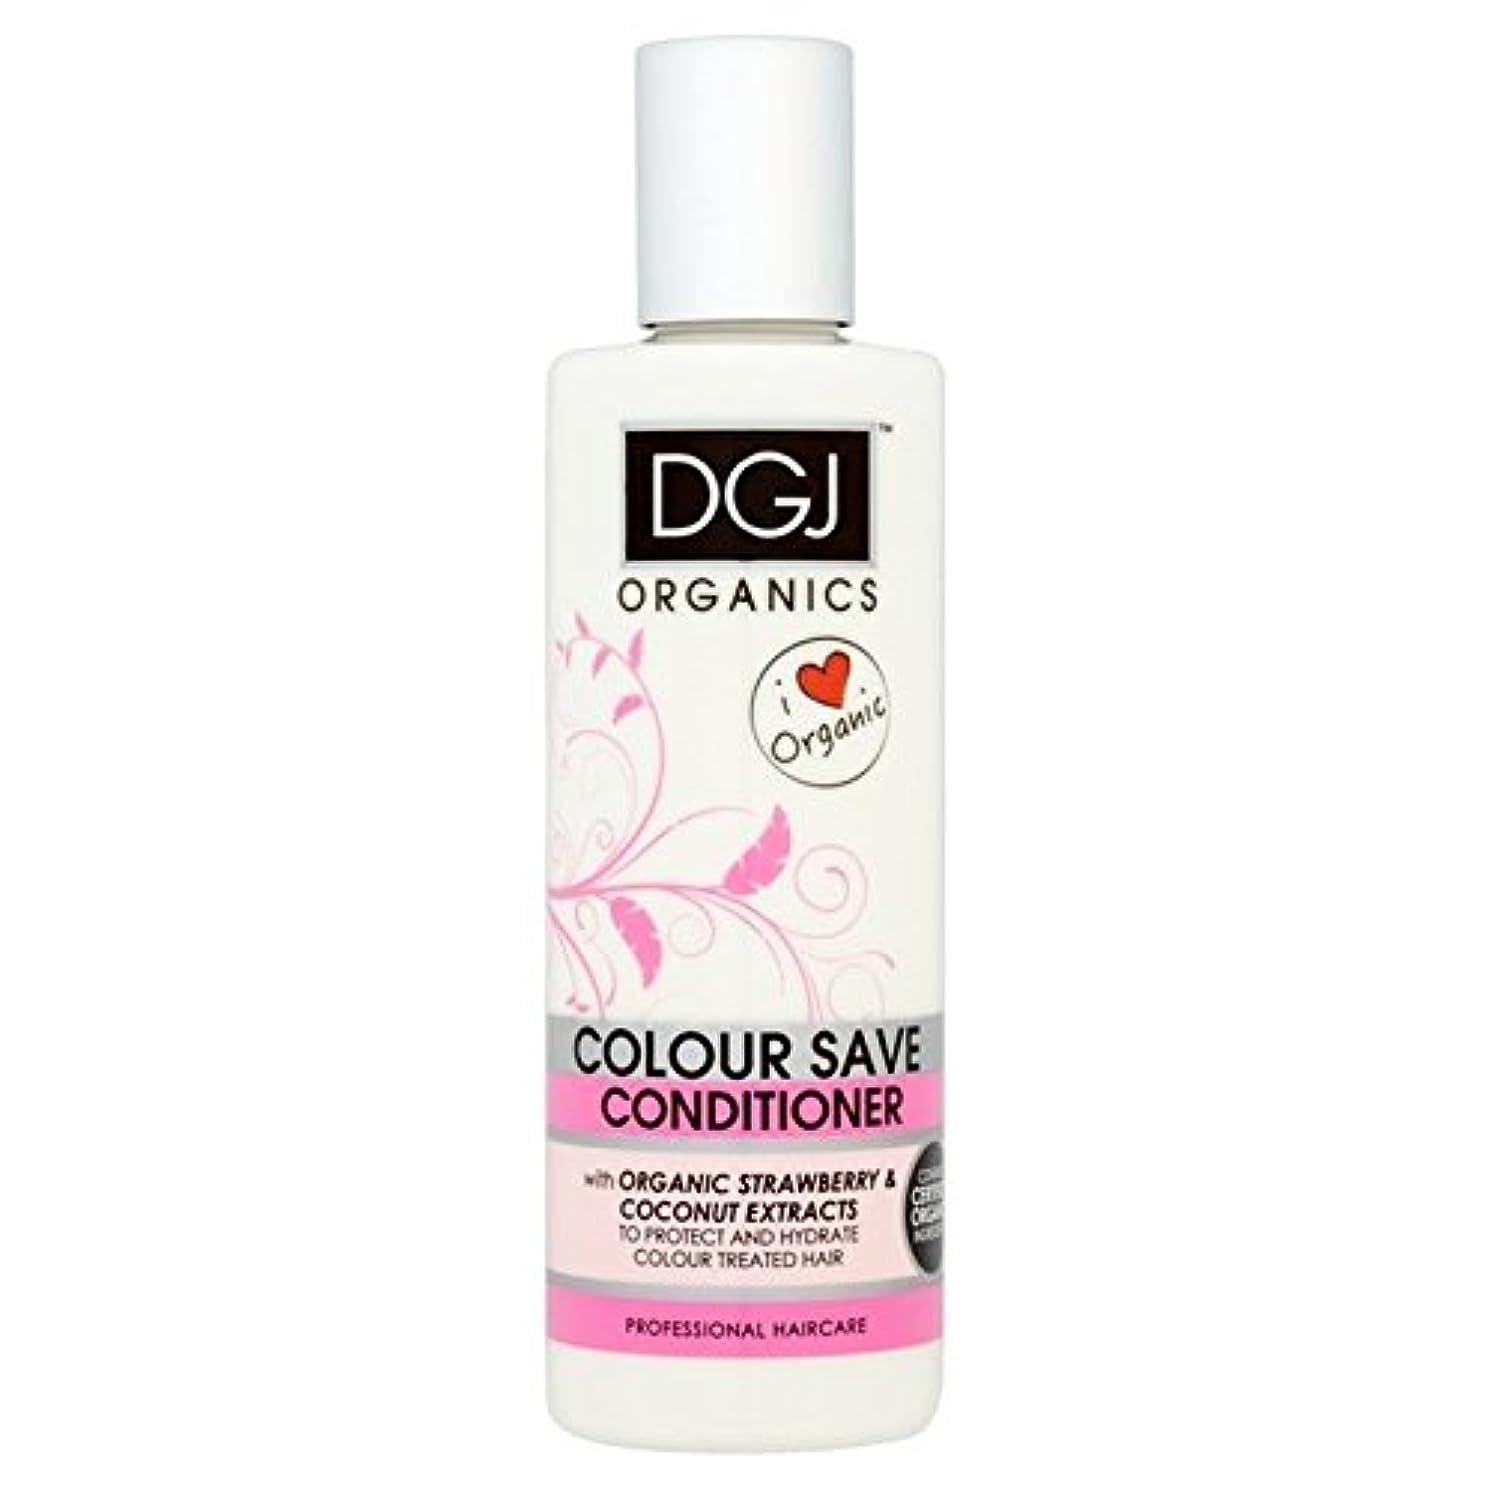 参加者同一のやめるDGJ Organics Colour Save Conditioner 250ml (Pack of 6) - 有機物の色コンディショナー250を保存 x6 [並行輸入品]